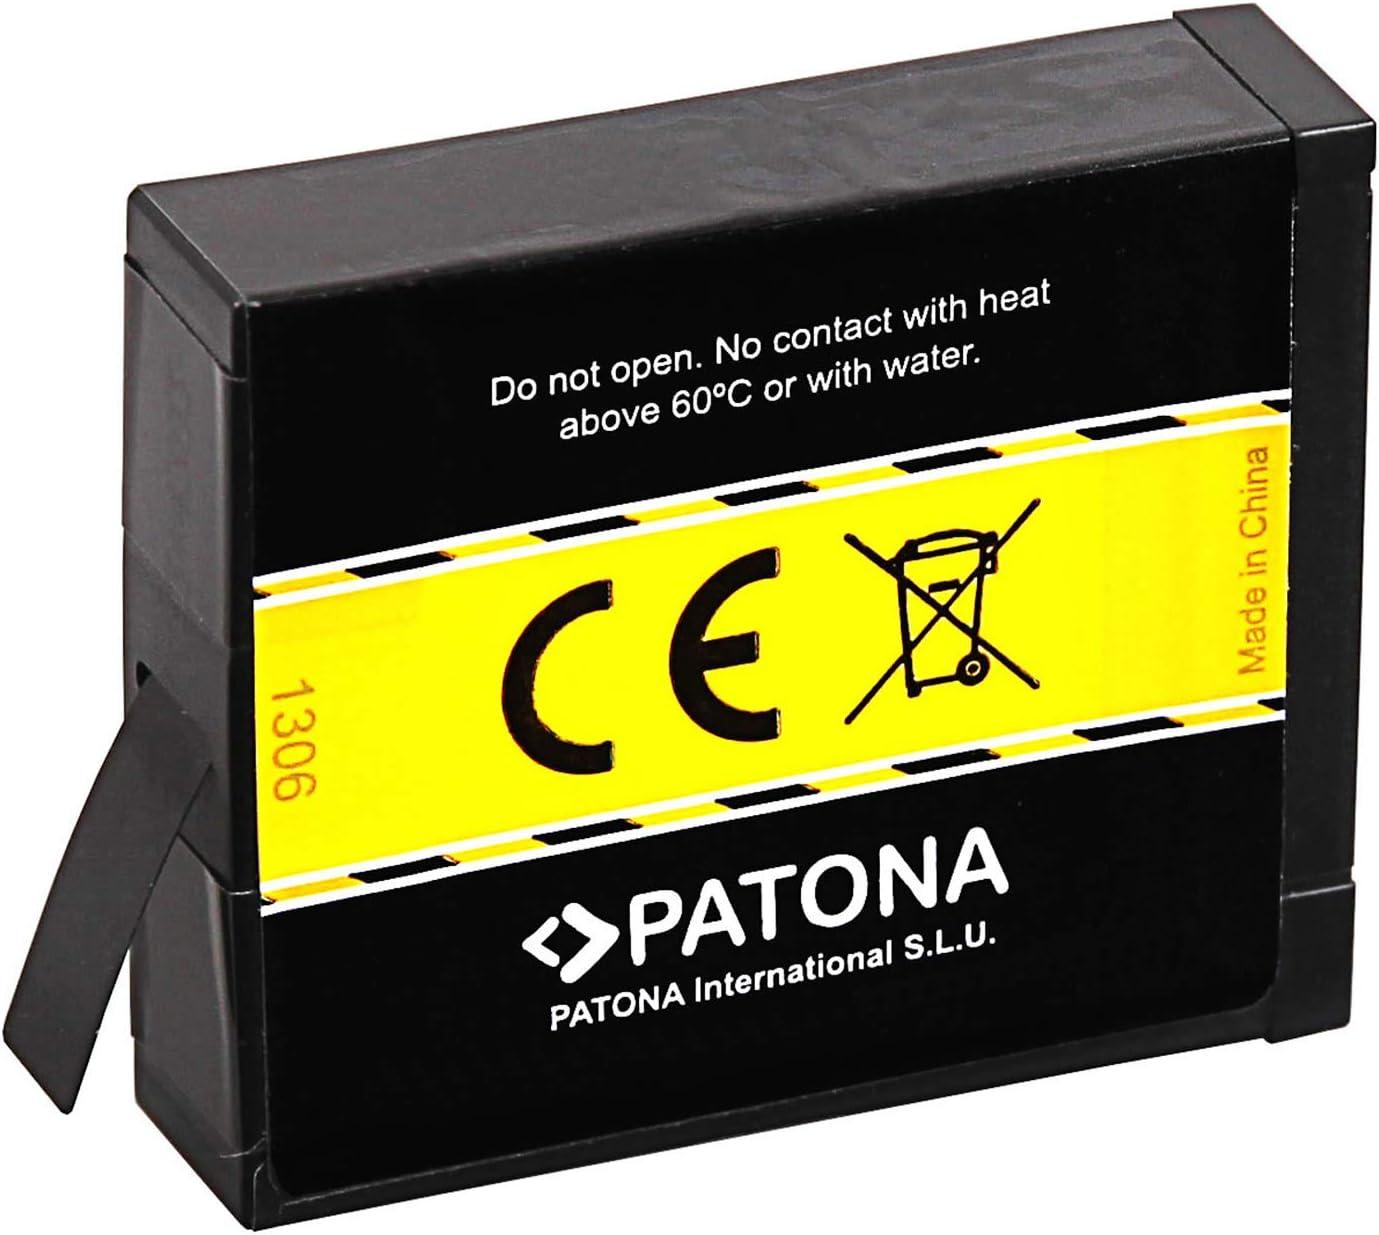 PATONA Double Chargeur avec 2X Batterie de Remplacement pour Insta360 adapt/é pour Insta360 One X Action Cam